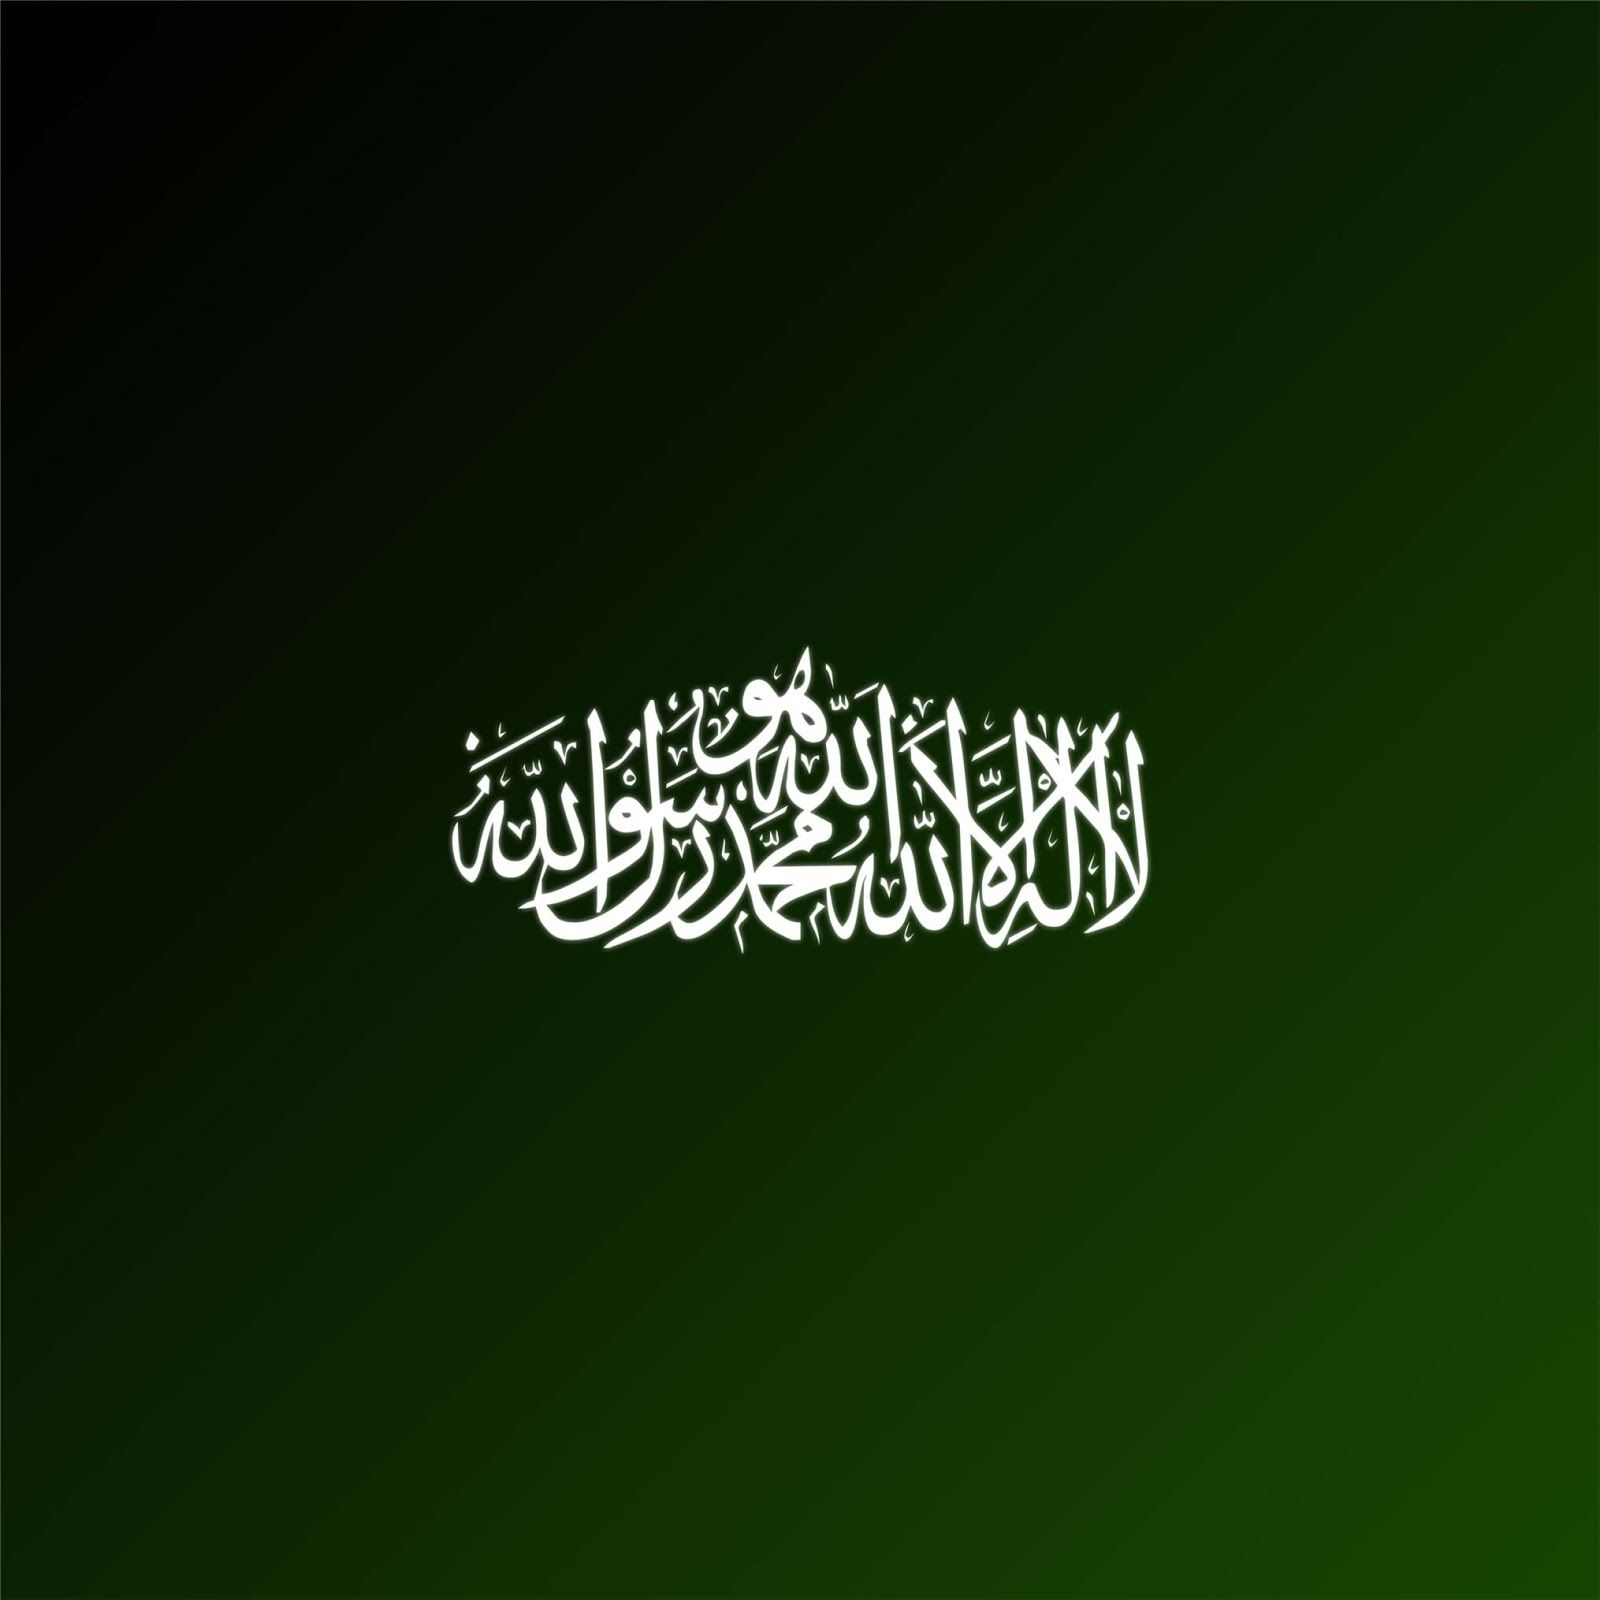 1600x1600 HD Hình nền Hồi giáo 3. Yêu cầu kính 3D